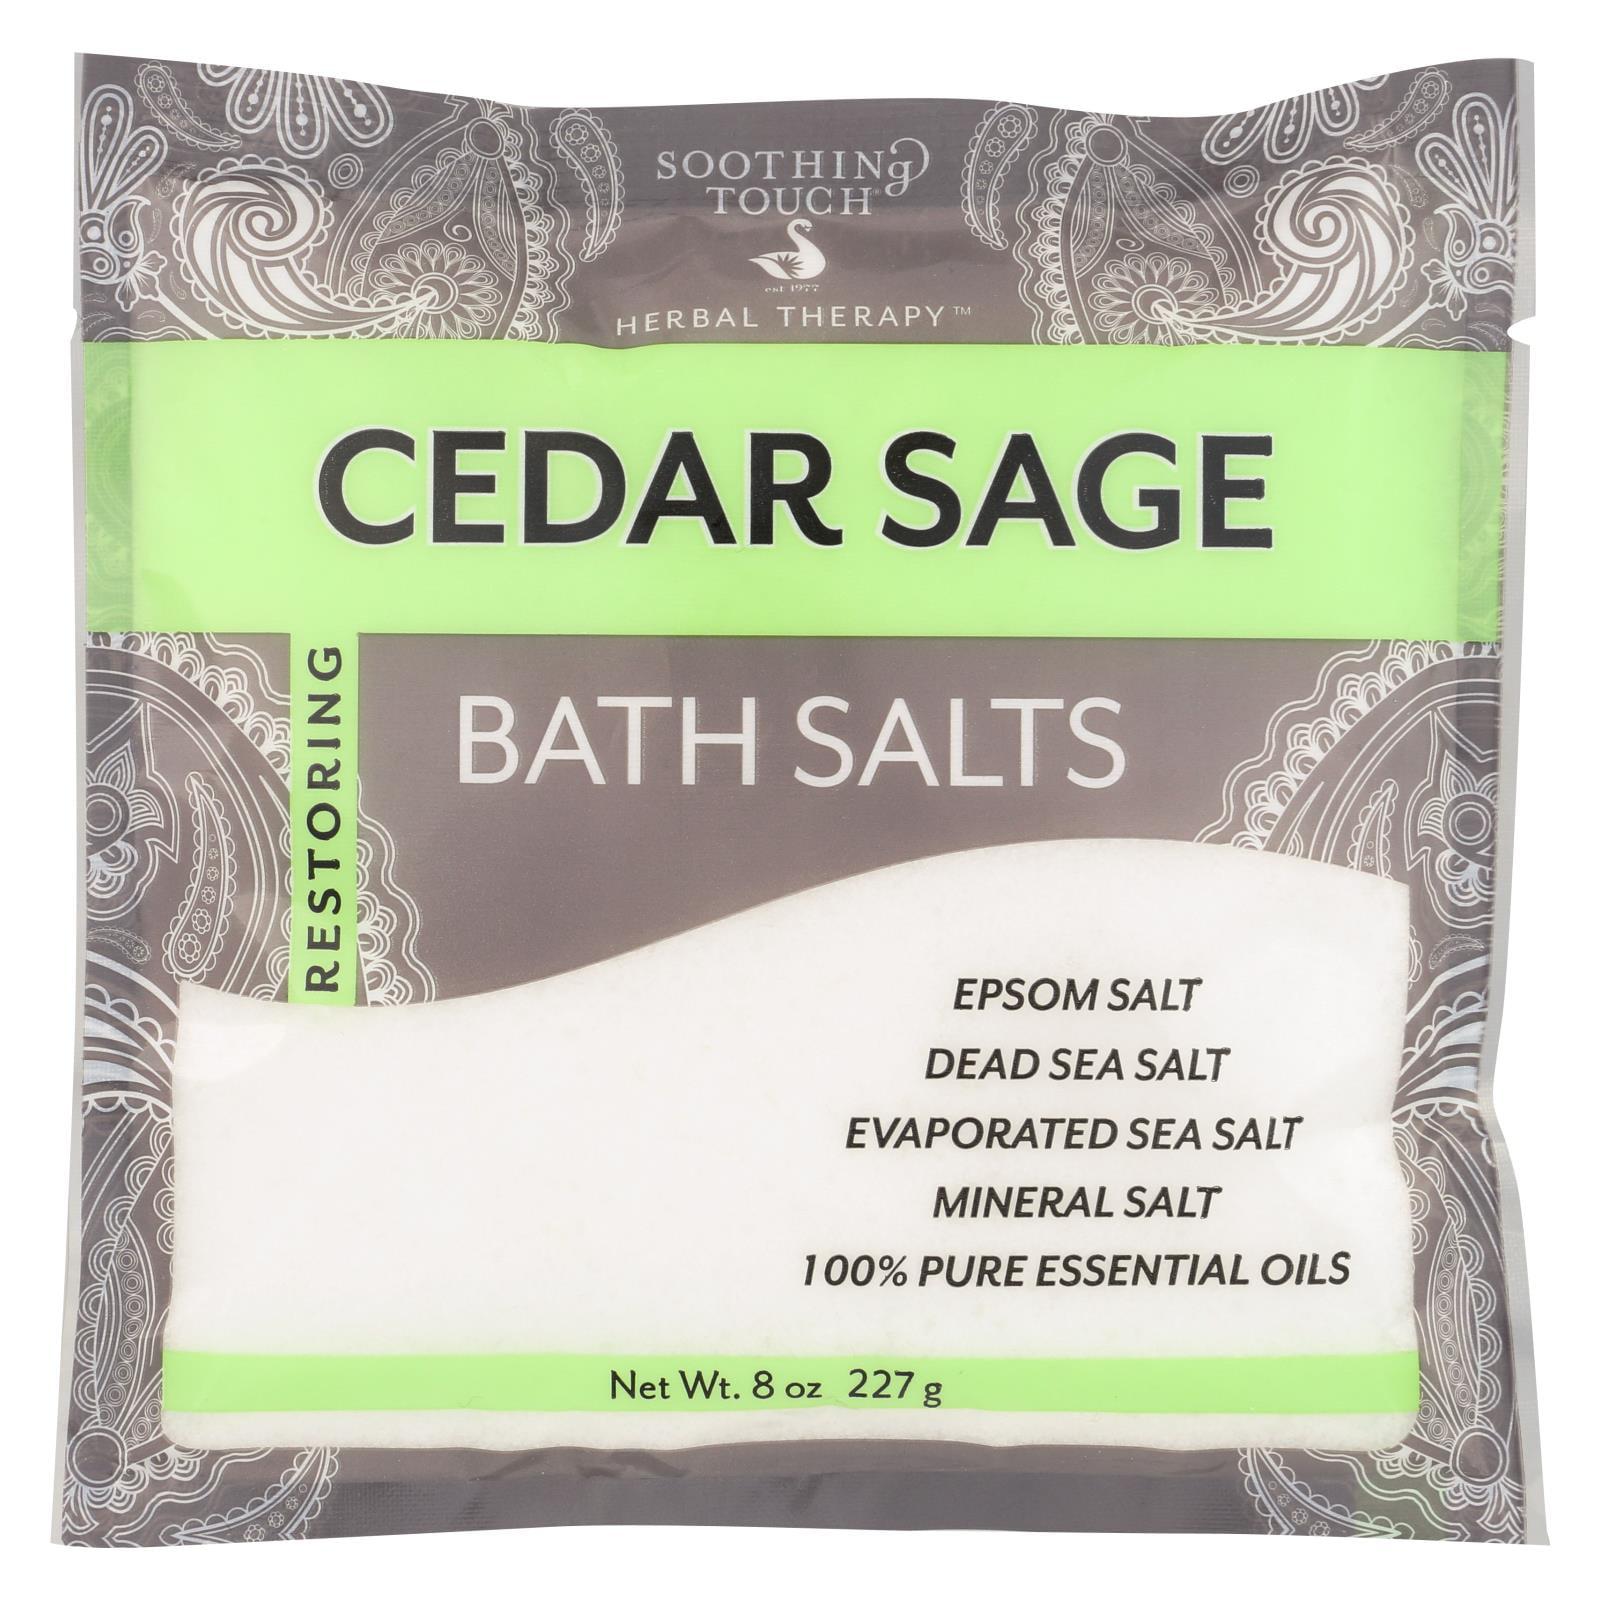 Soothing Touch Bath Salts - Cedar Sage - Case of 6 - 8 oz